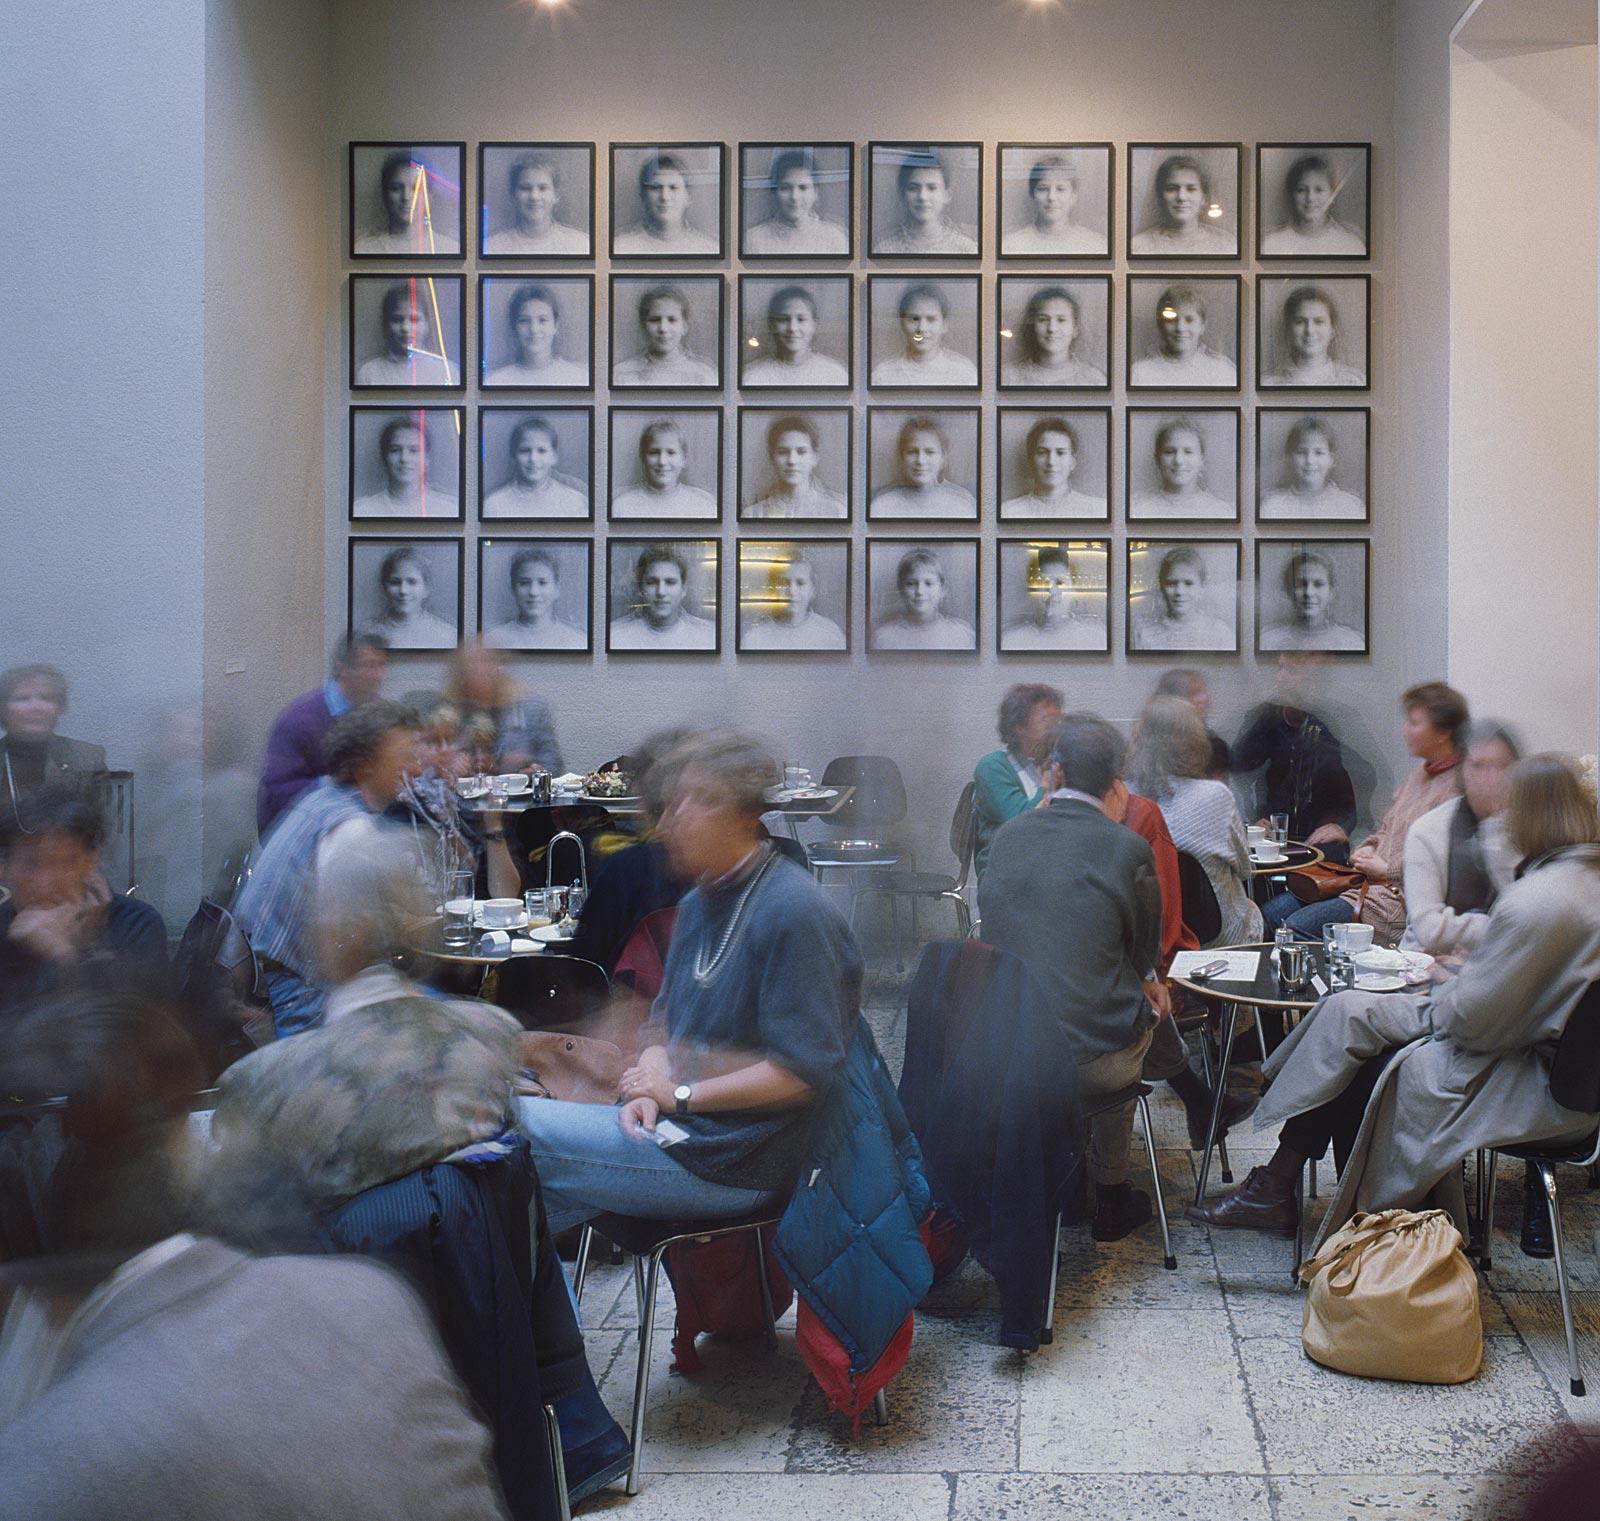 """""""Schule"""" Städtische Galerie im Lenbachhaus München (12.05 - 12.08 Uhr, 12.4.1995)"""